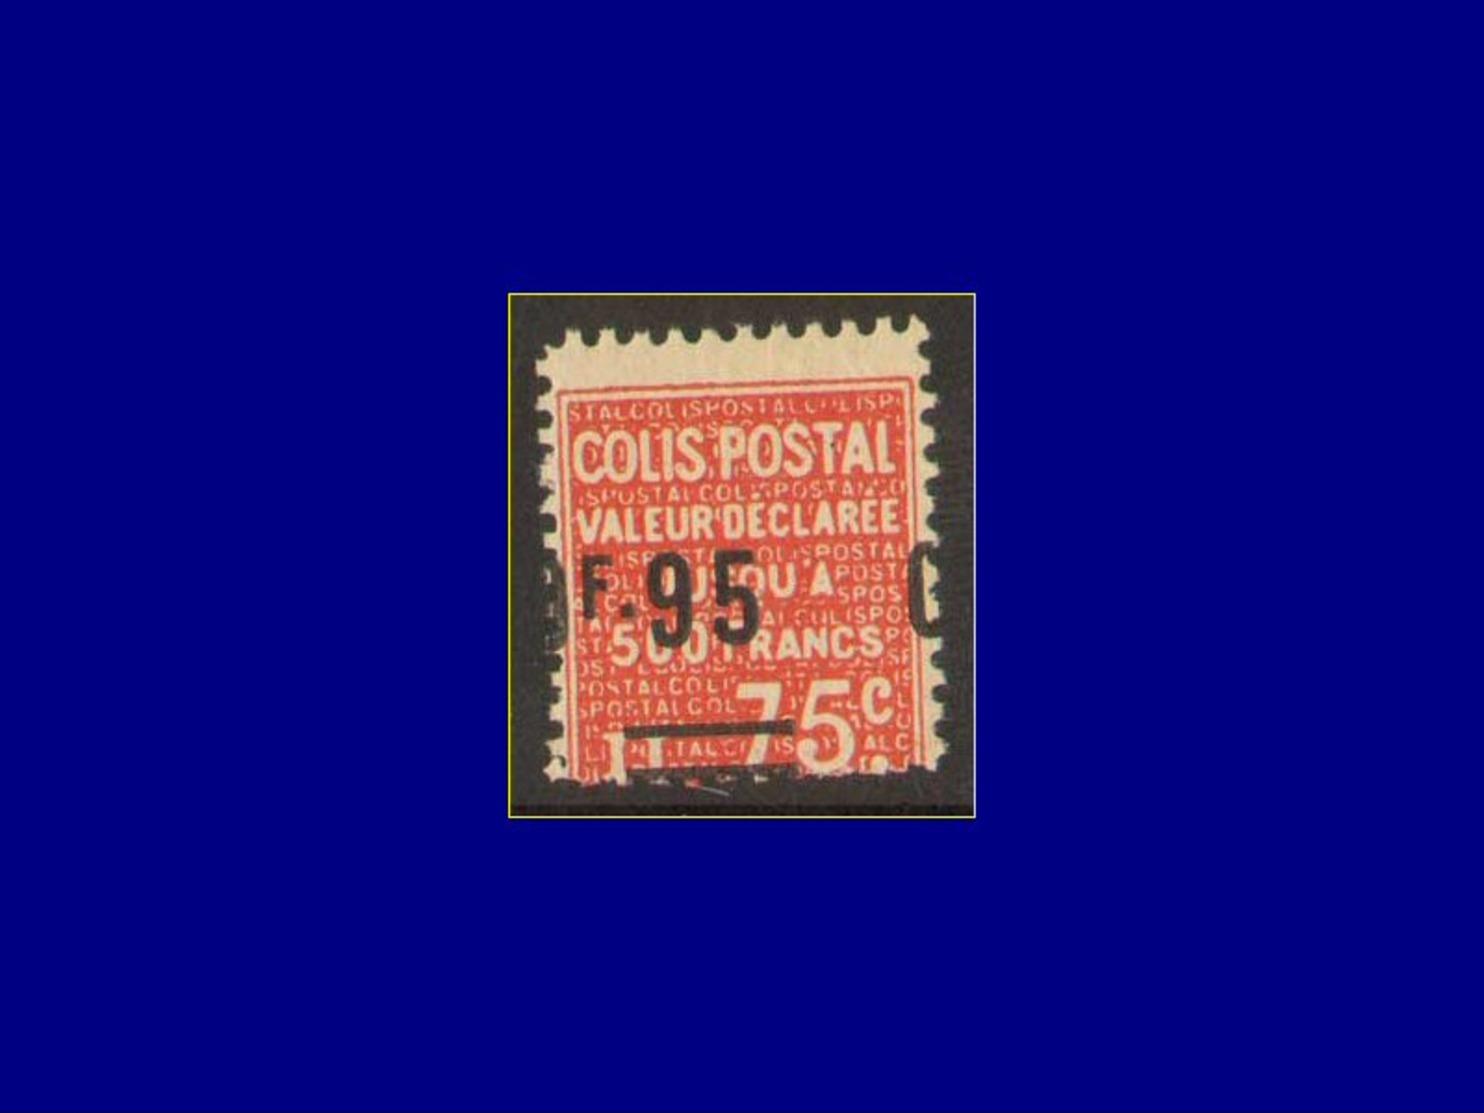 FRANCE Colis Postaux ** - 122, Surcharge à Cheval: 095/75c. Rouge. (Dallay 112 A) - Cote: 250 - Mint/Hinged